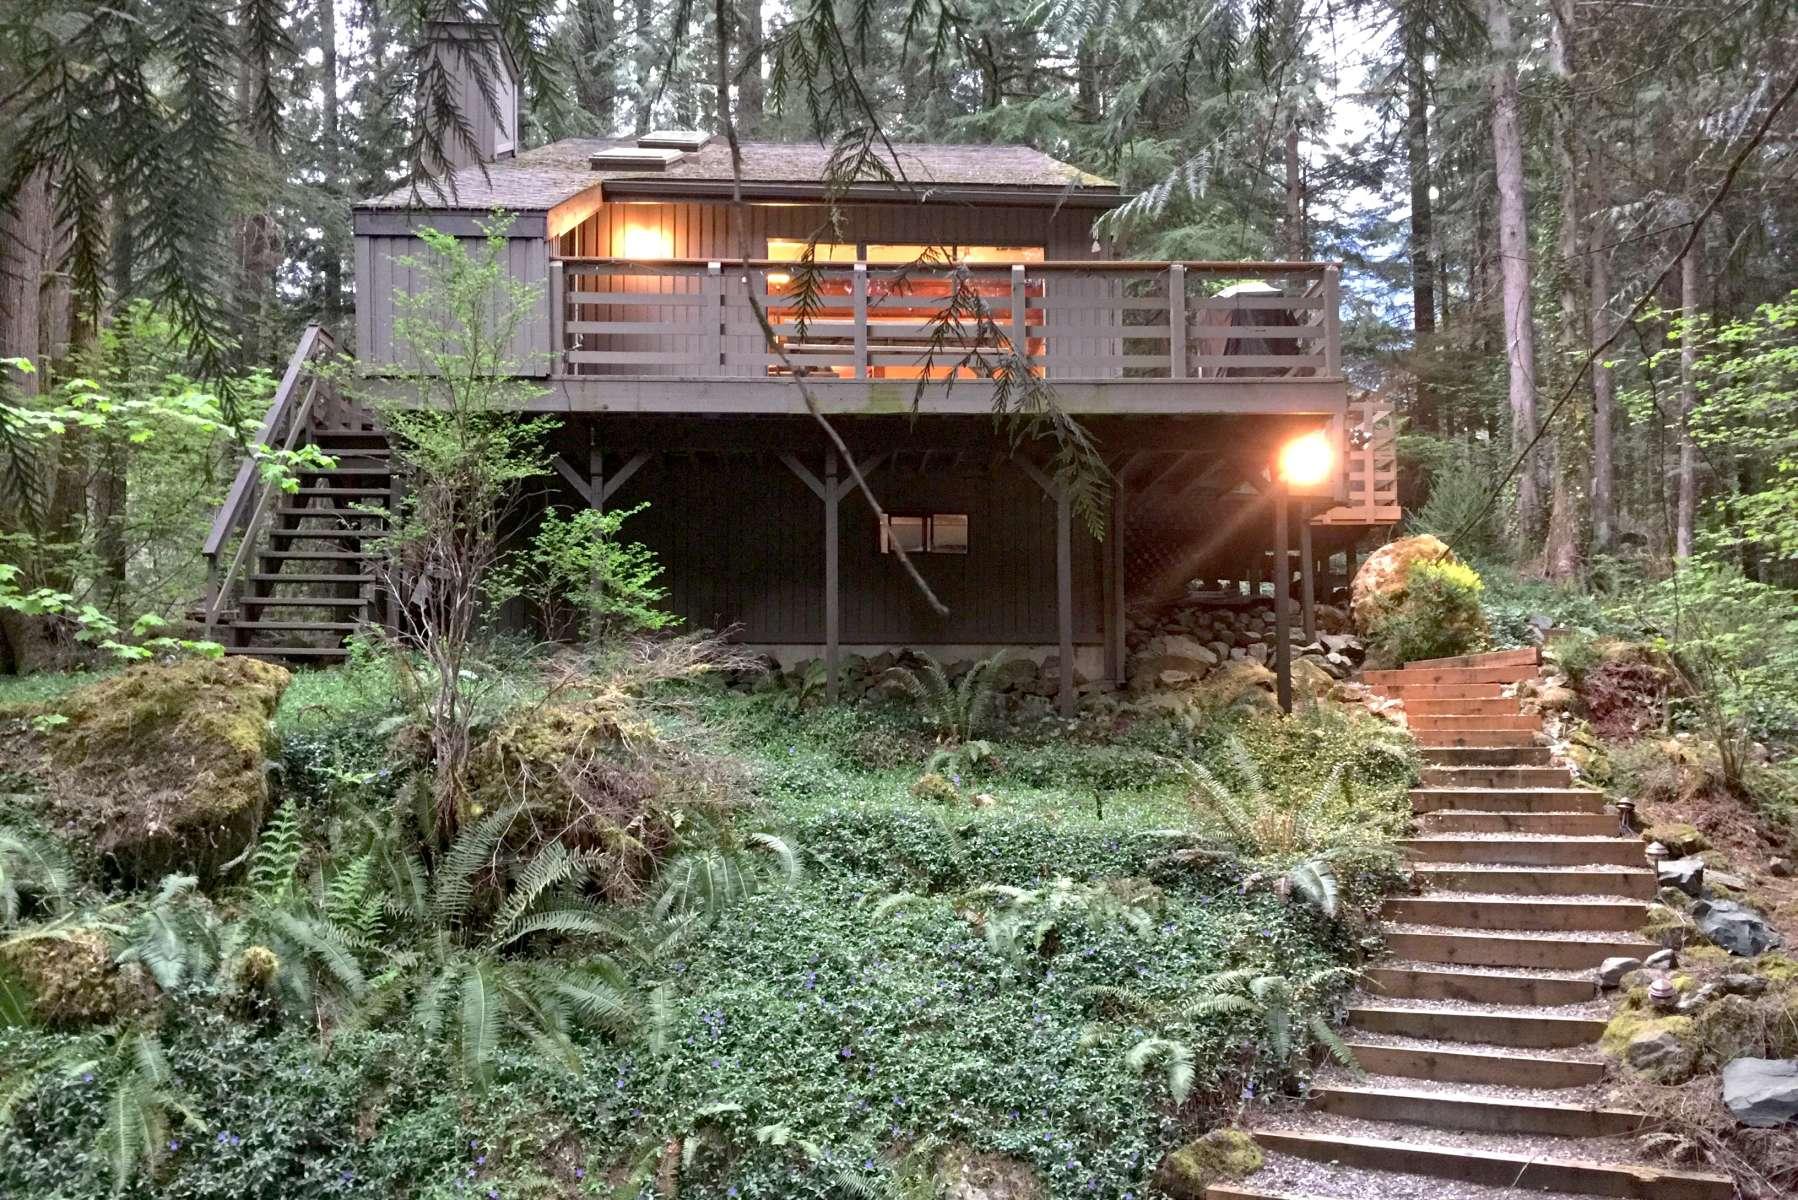 Mt baker lodging cabin 26 mt baker lodging wa 36 for Mount baker cabins